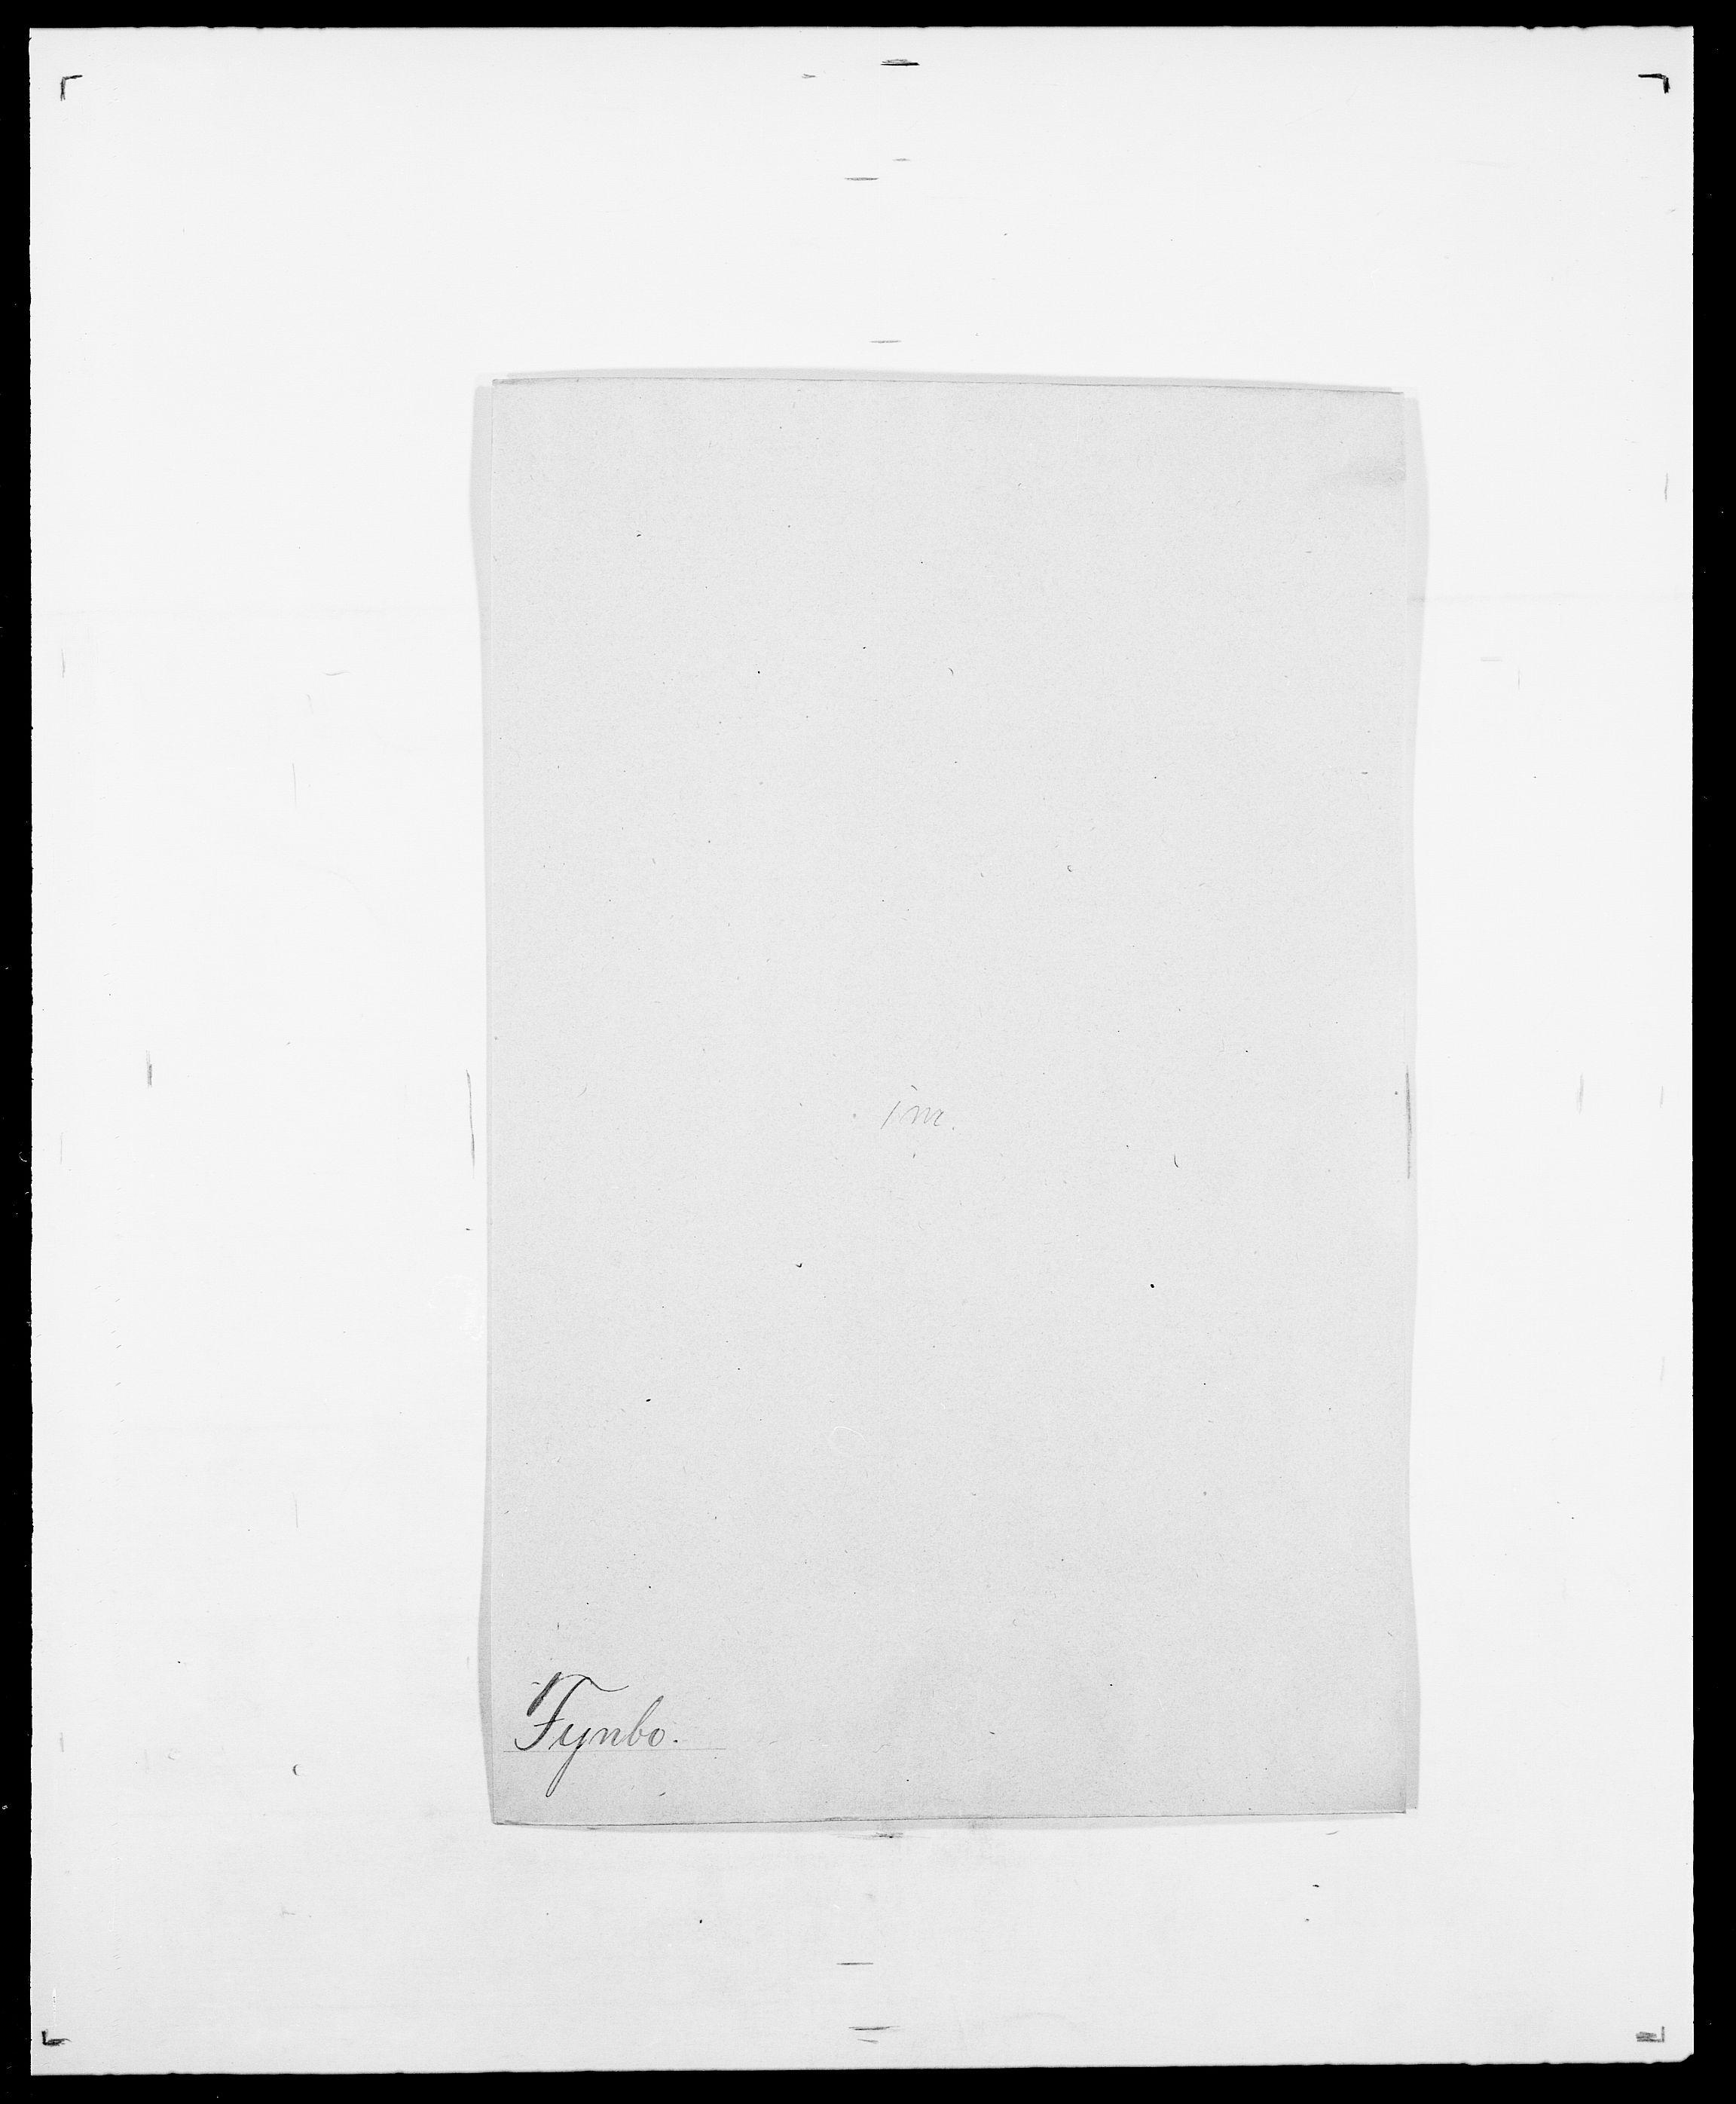 SAO, Delgobe, Charles Antoine - samling, D/Da/L0013: Forbos - Geving, s. 255